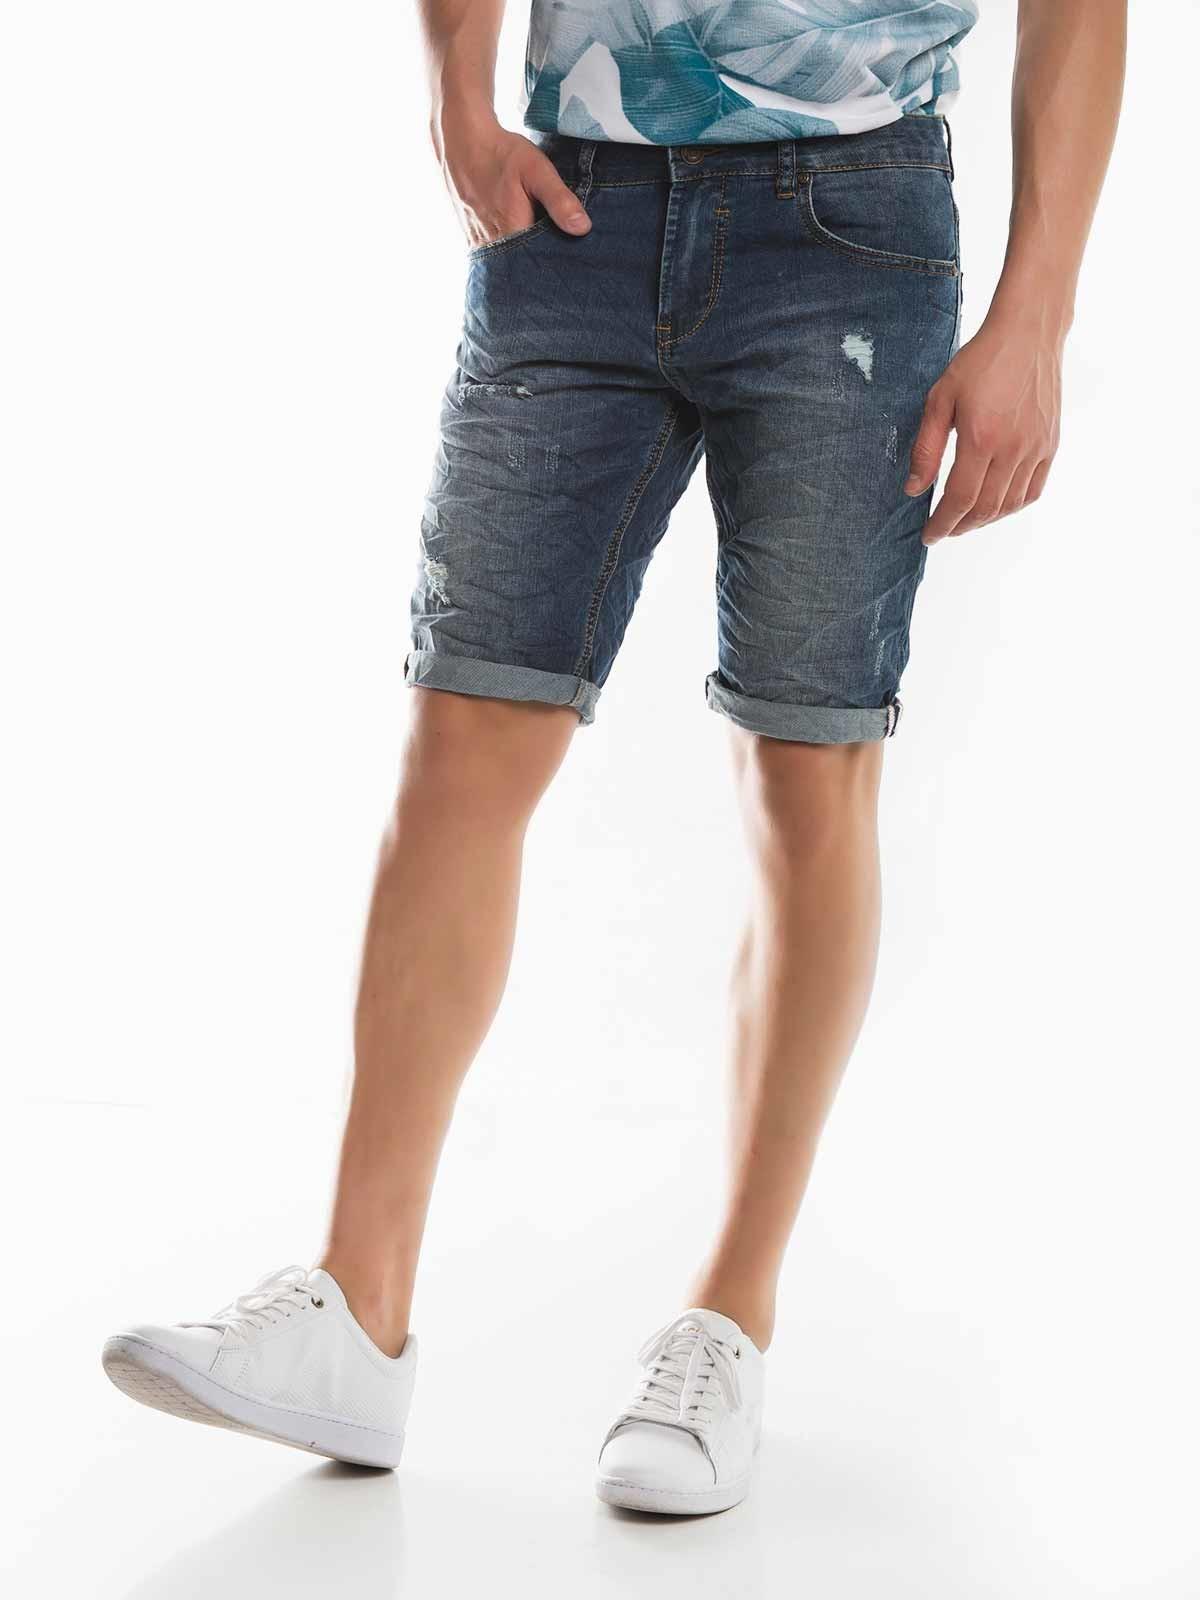 Pantalones cortos de mezclilla ajustados rotos